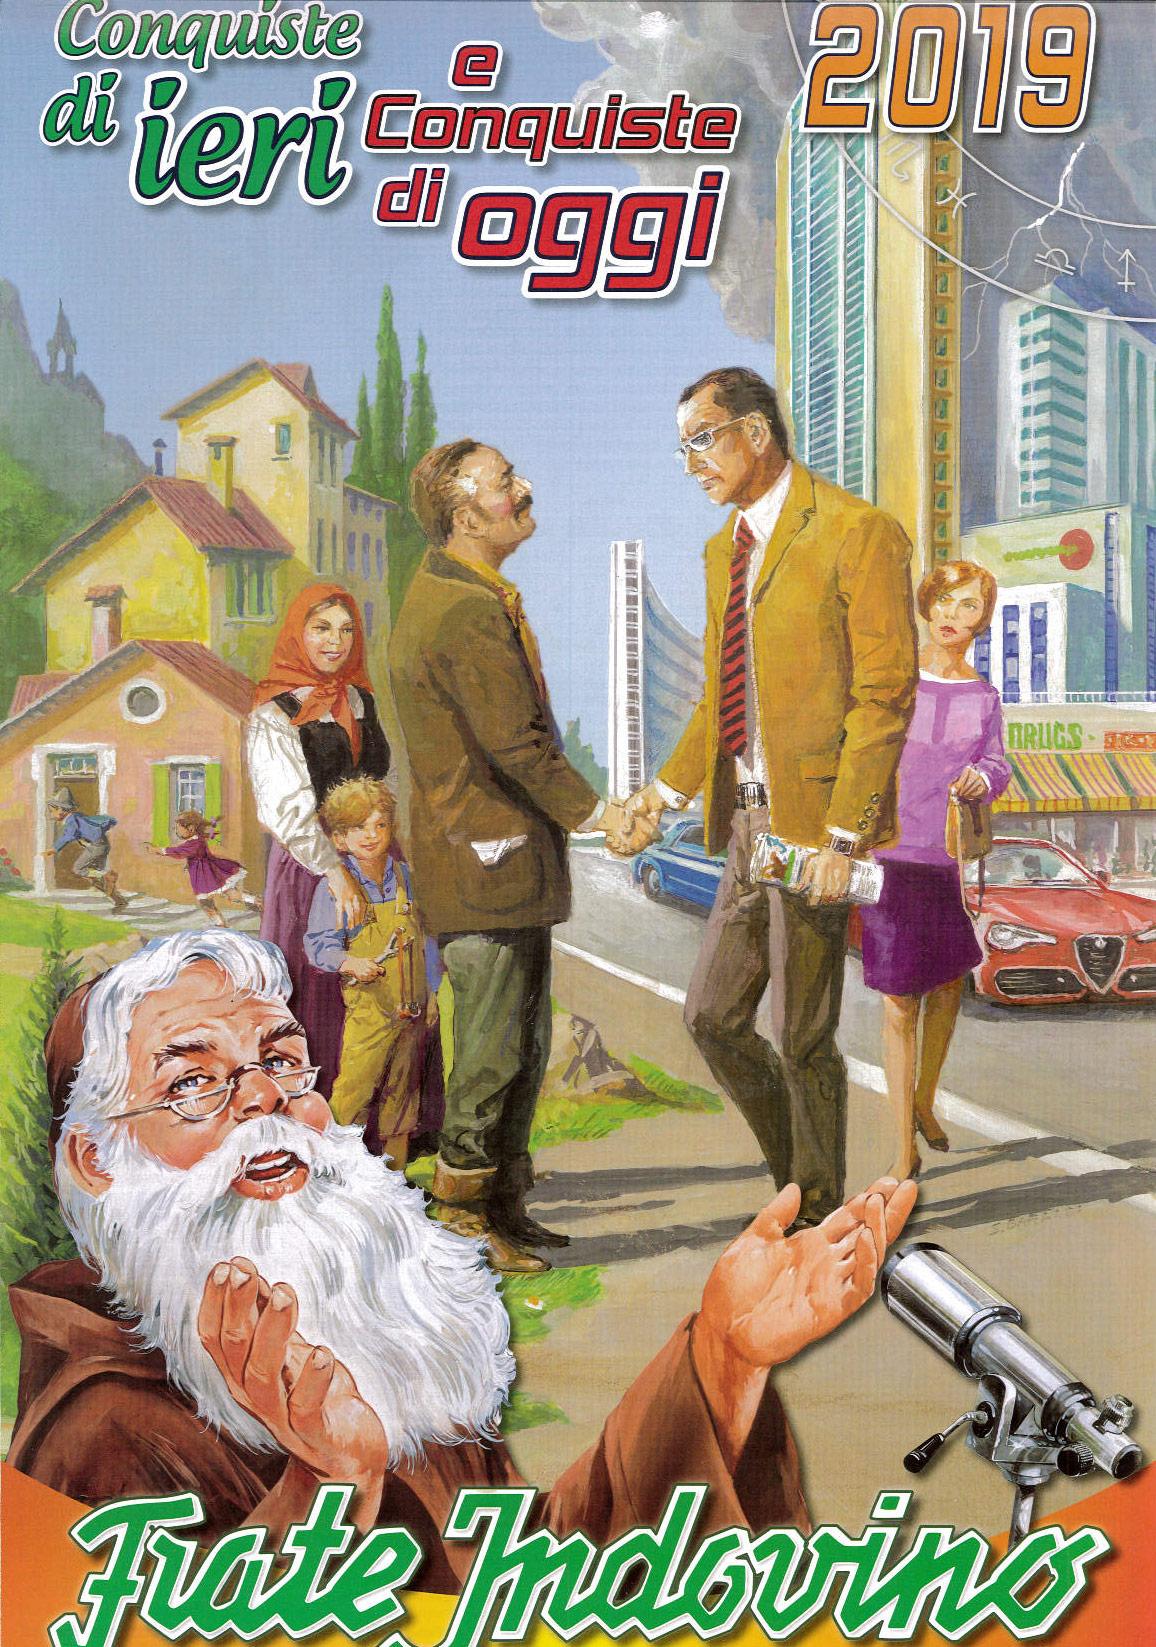 Calendario Frate Indovino 2020 In Edicola.Calendario Frate Indovino 2019 Libro Frate Indovino